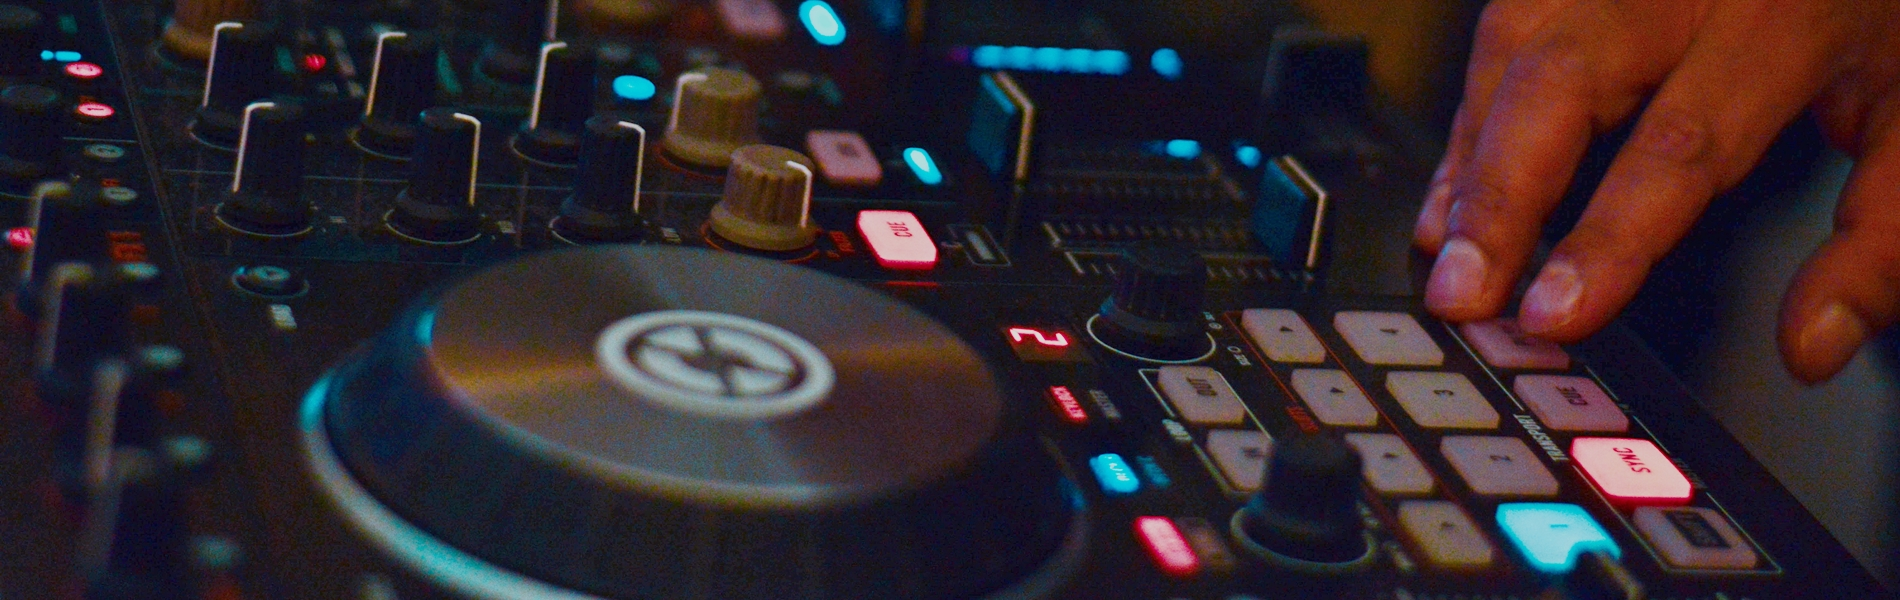 DJ 効果音